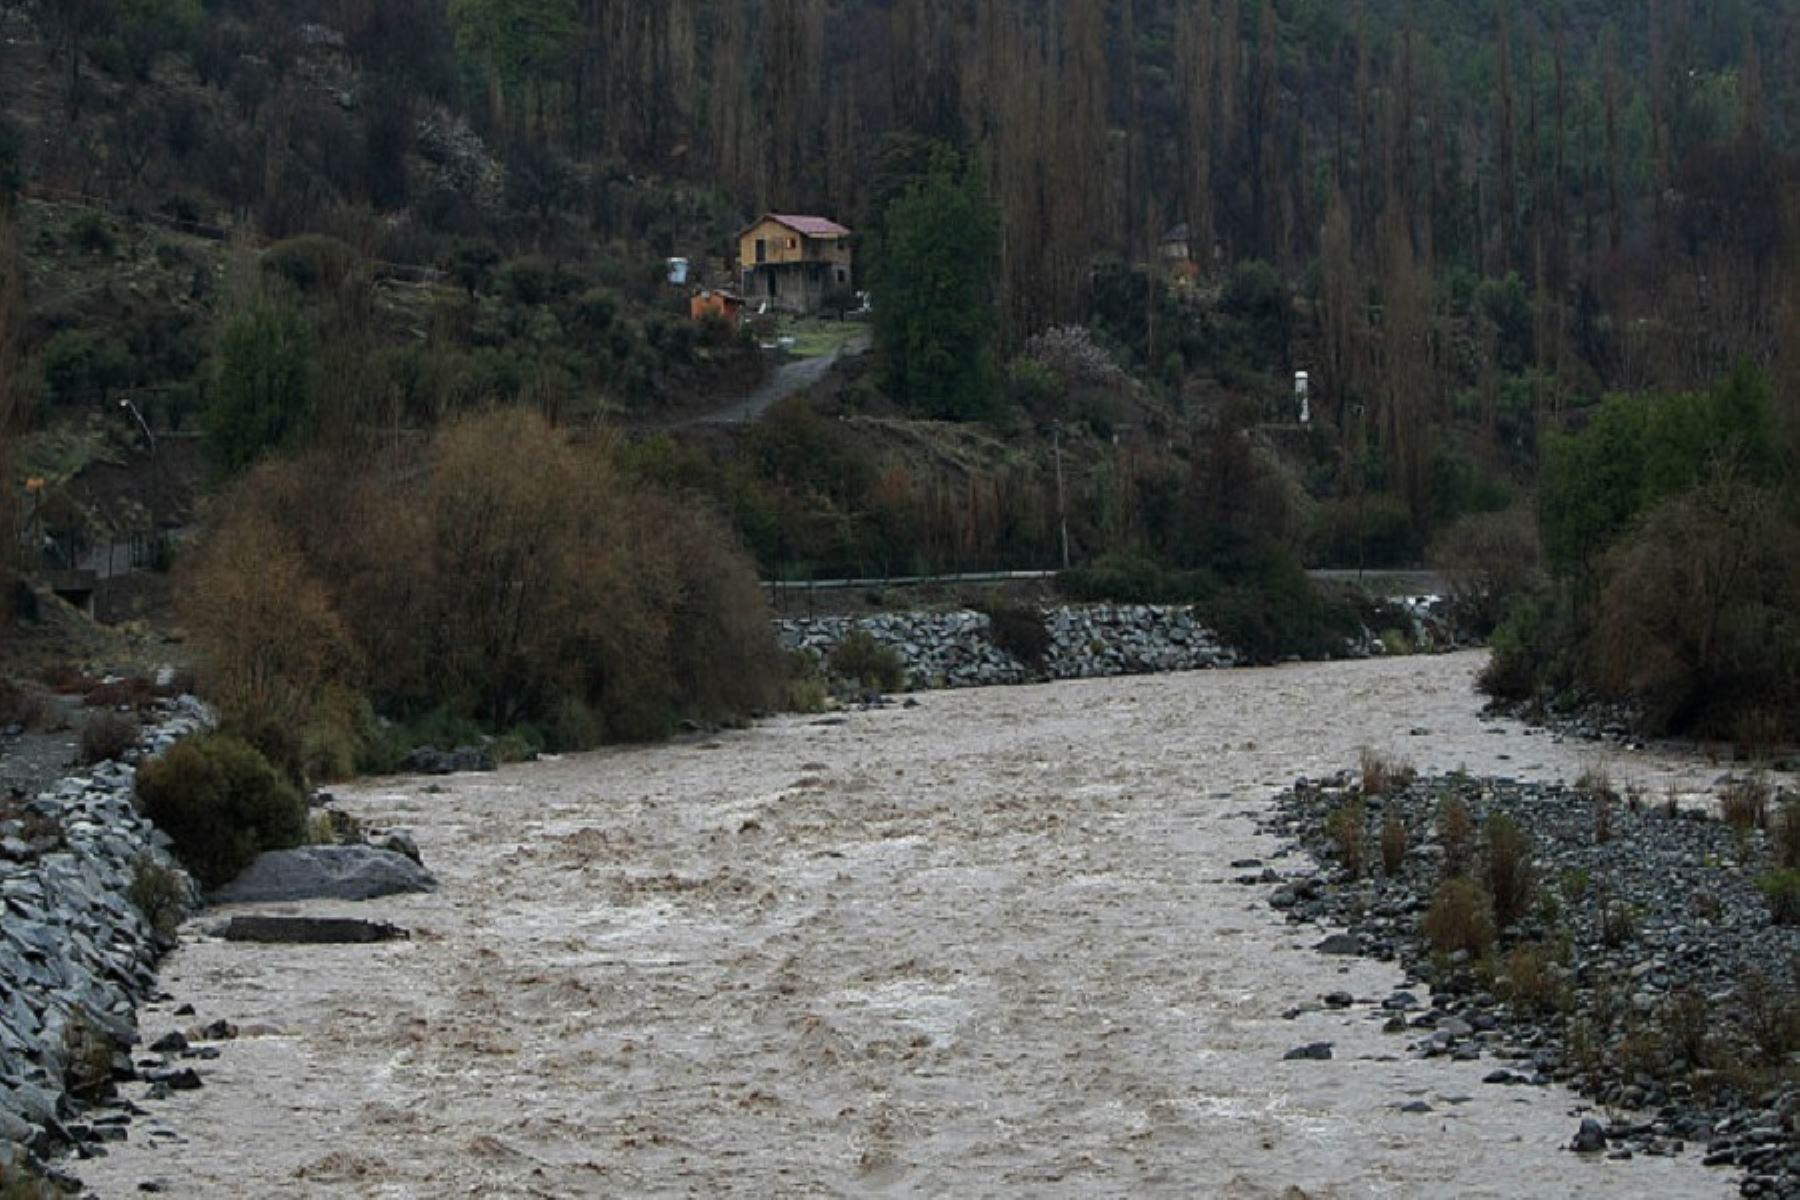 Río Mapacho podría ocasionar inundaciones de áreas agrícolas y centros poblados.